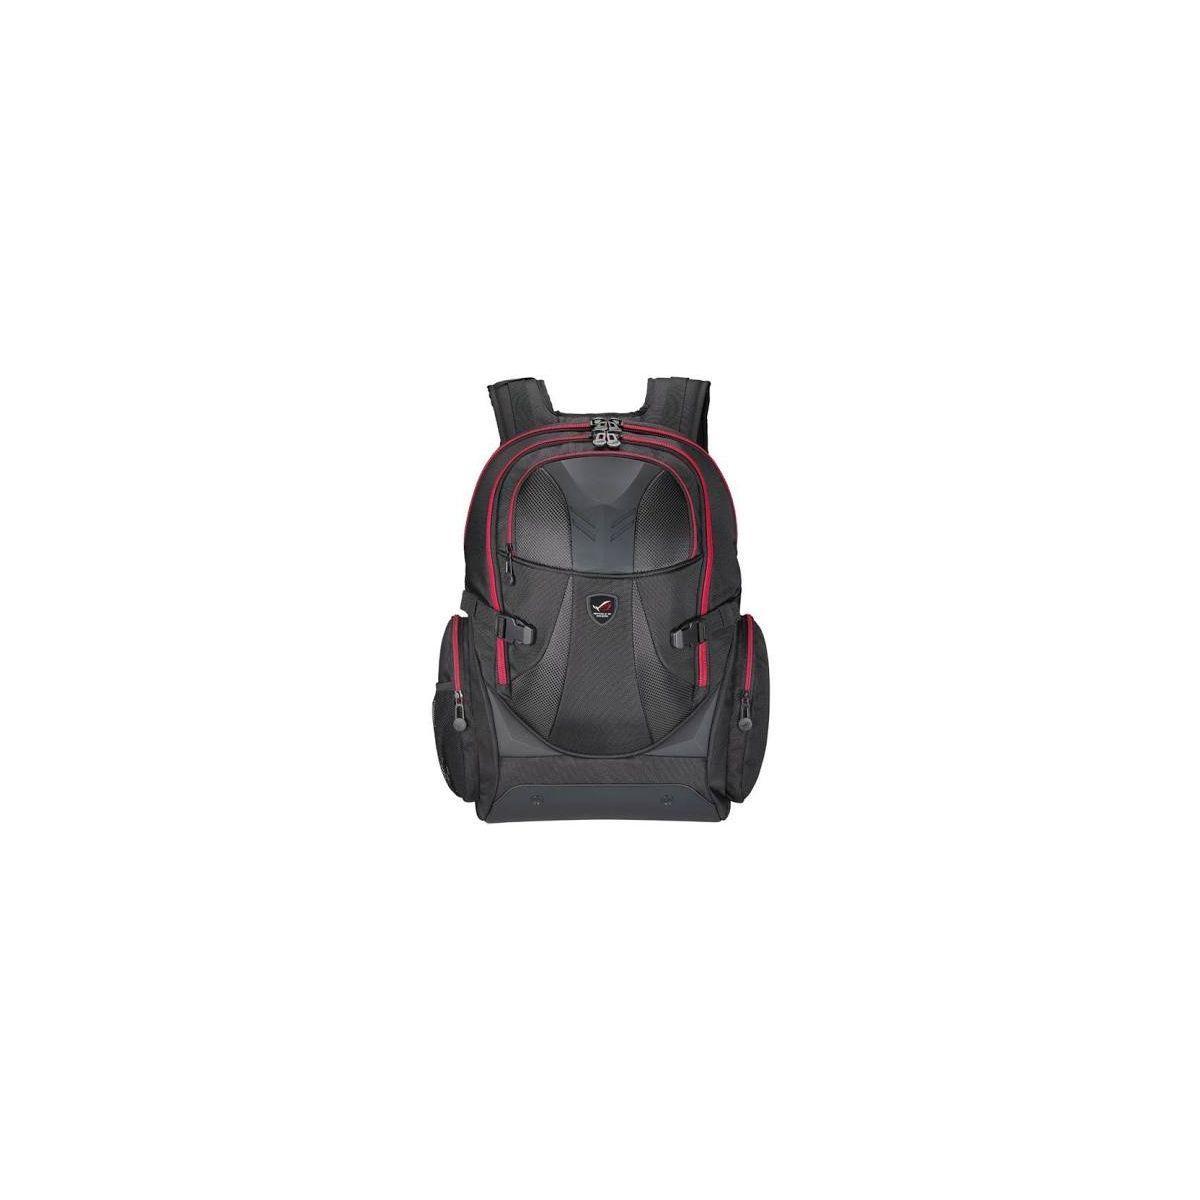 Sac � dos asus rog xranger backpack 17'' - 2% de remise imm�diate avec le code : autom